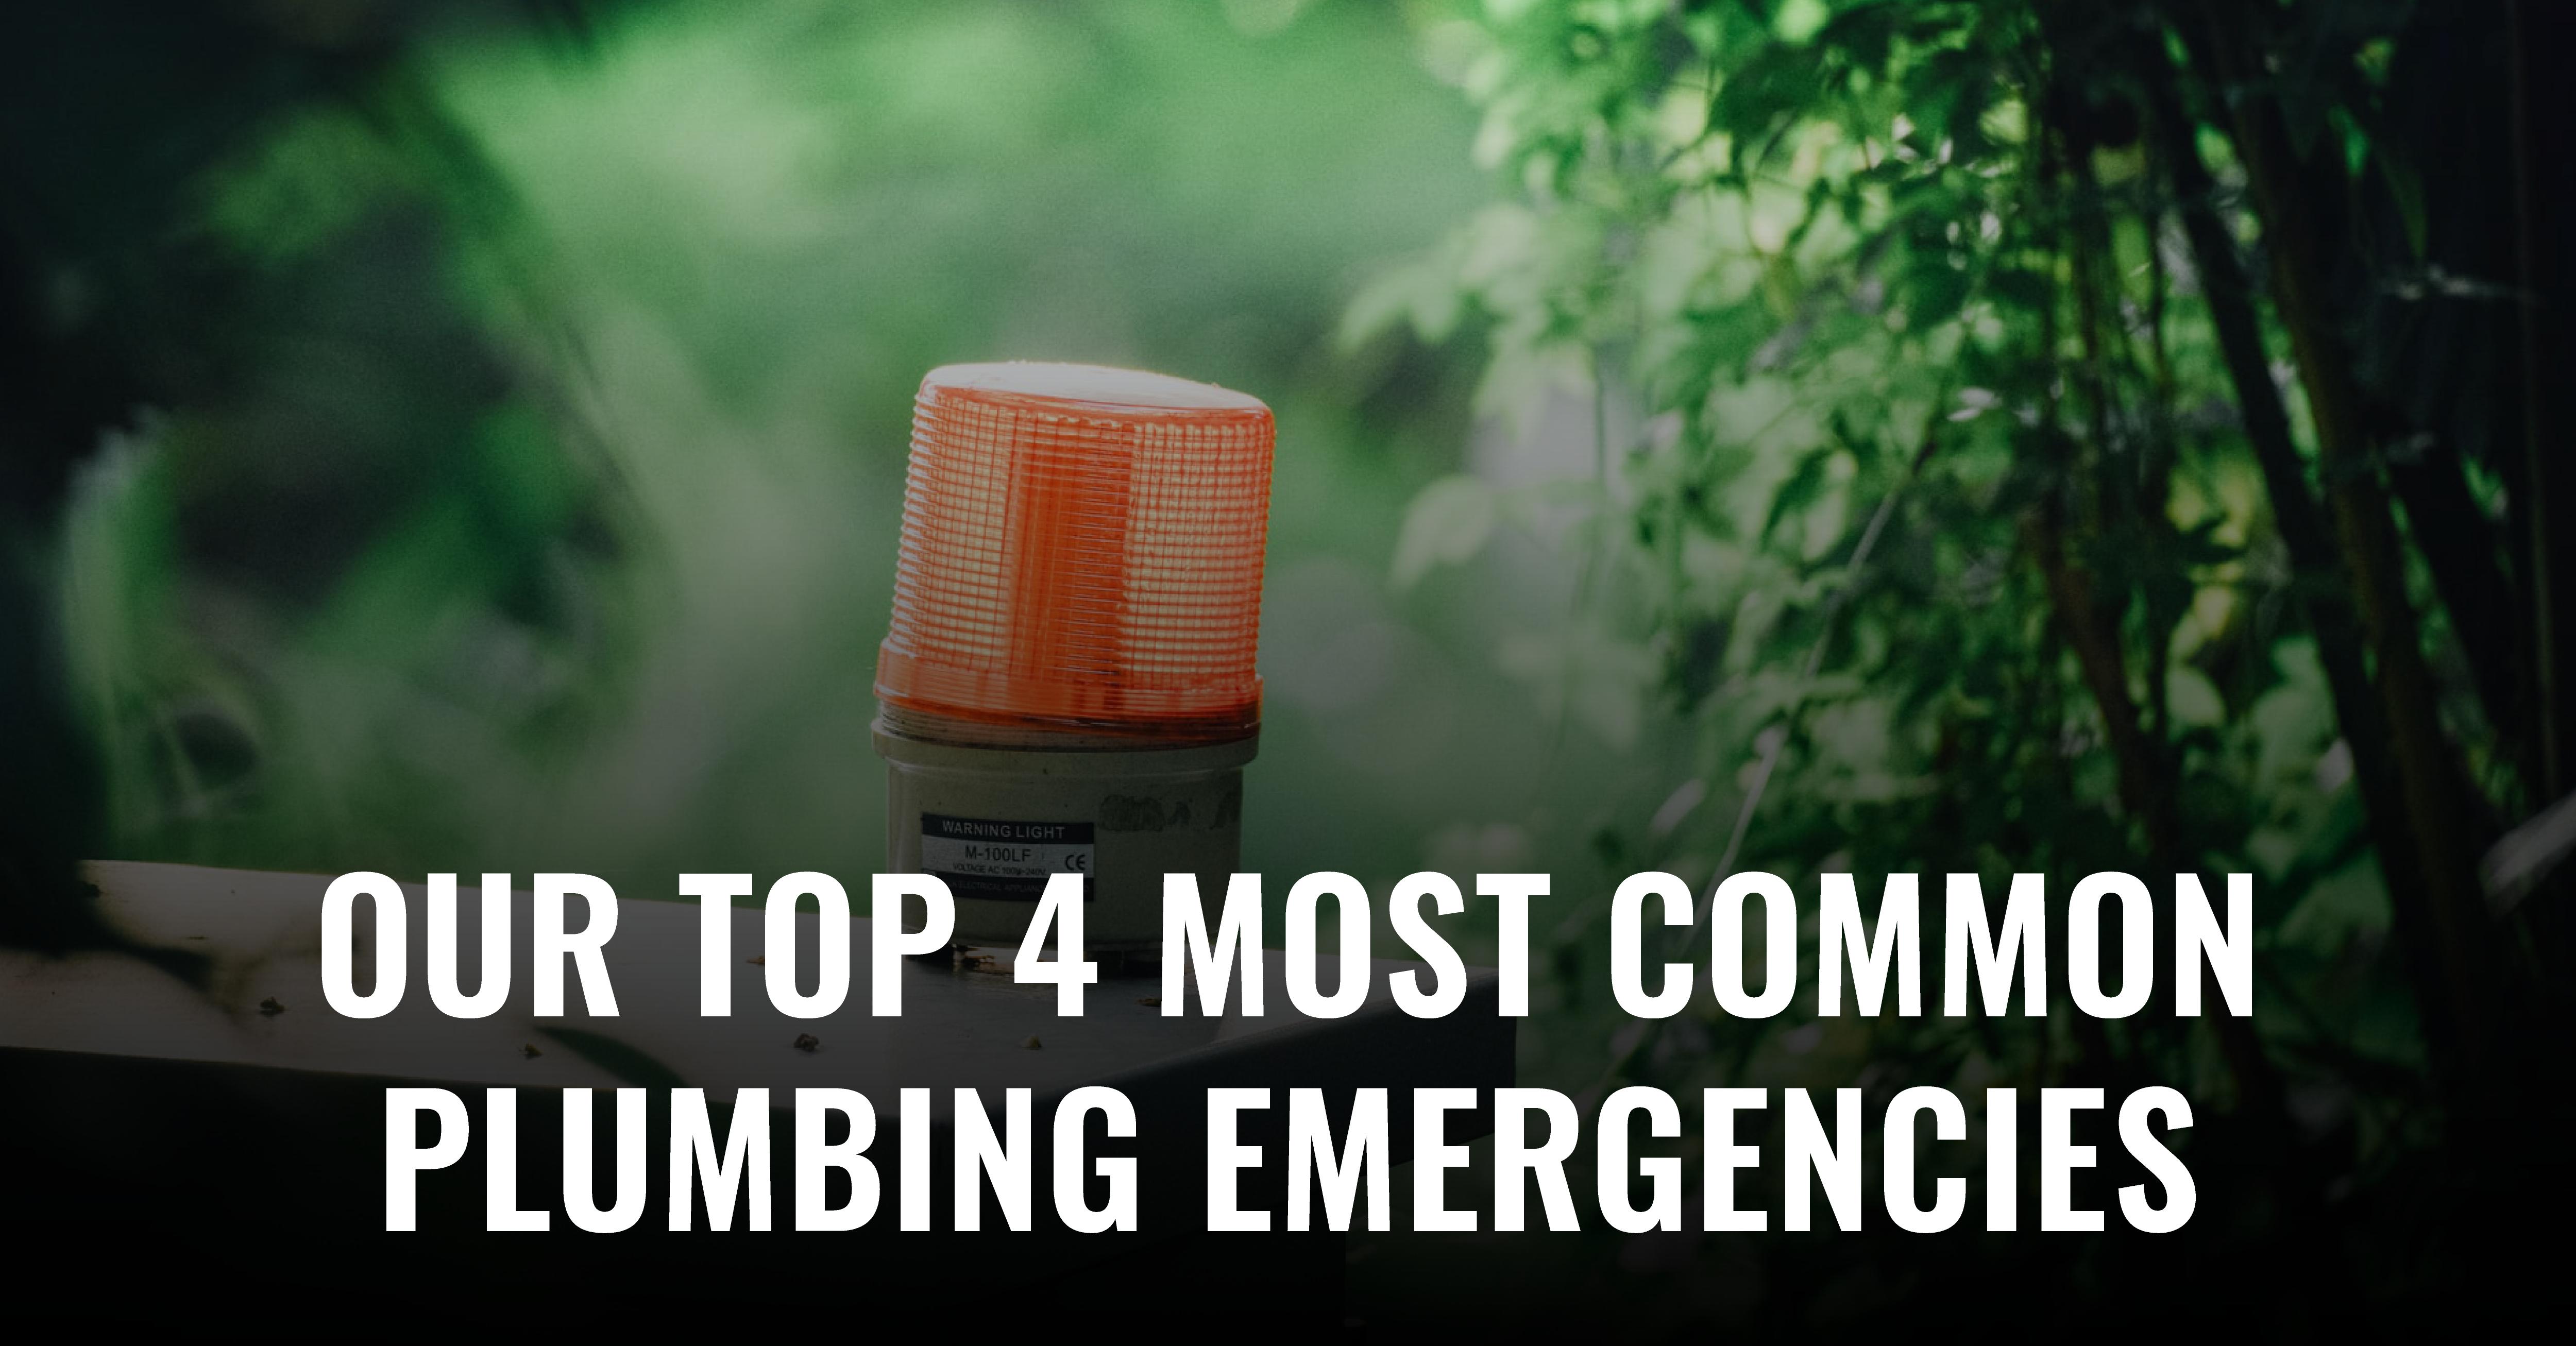 Top 4 Most Common Plumbing Emergencies